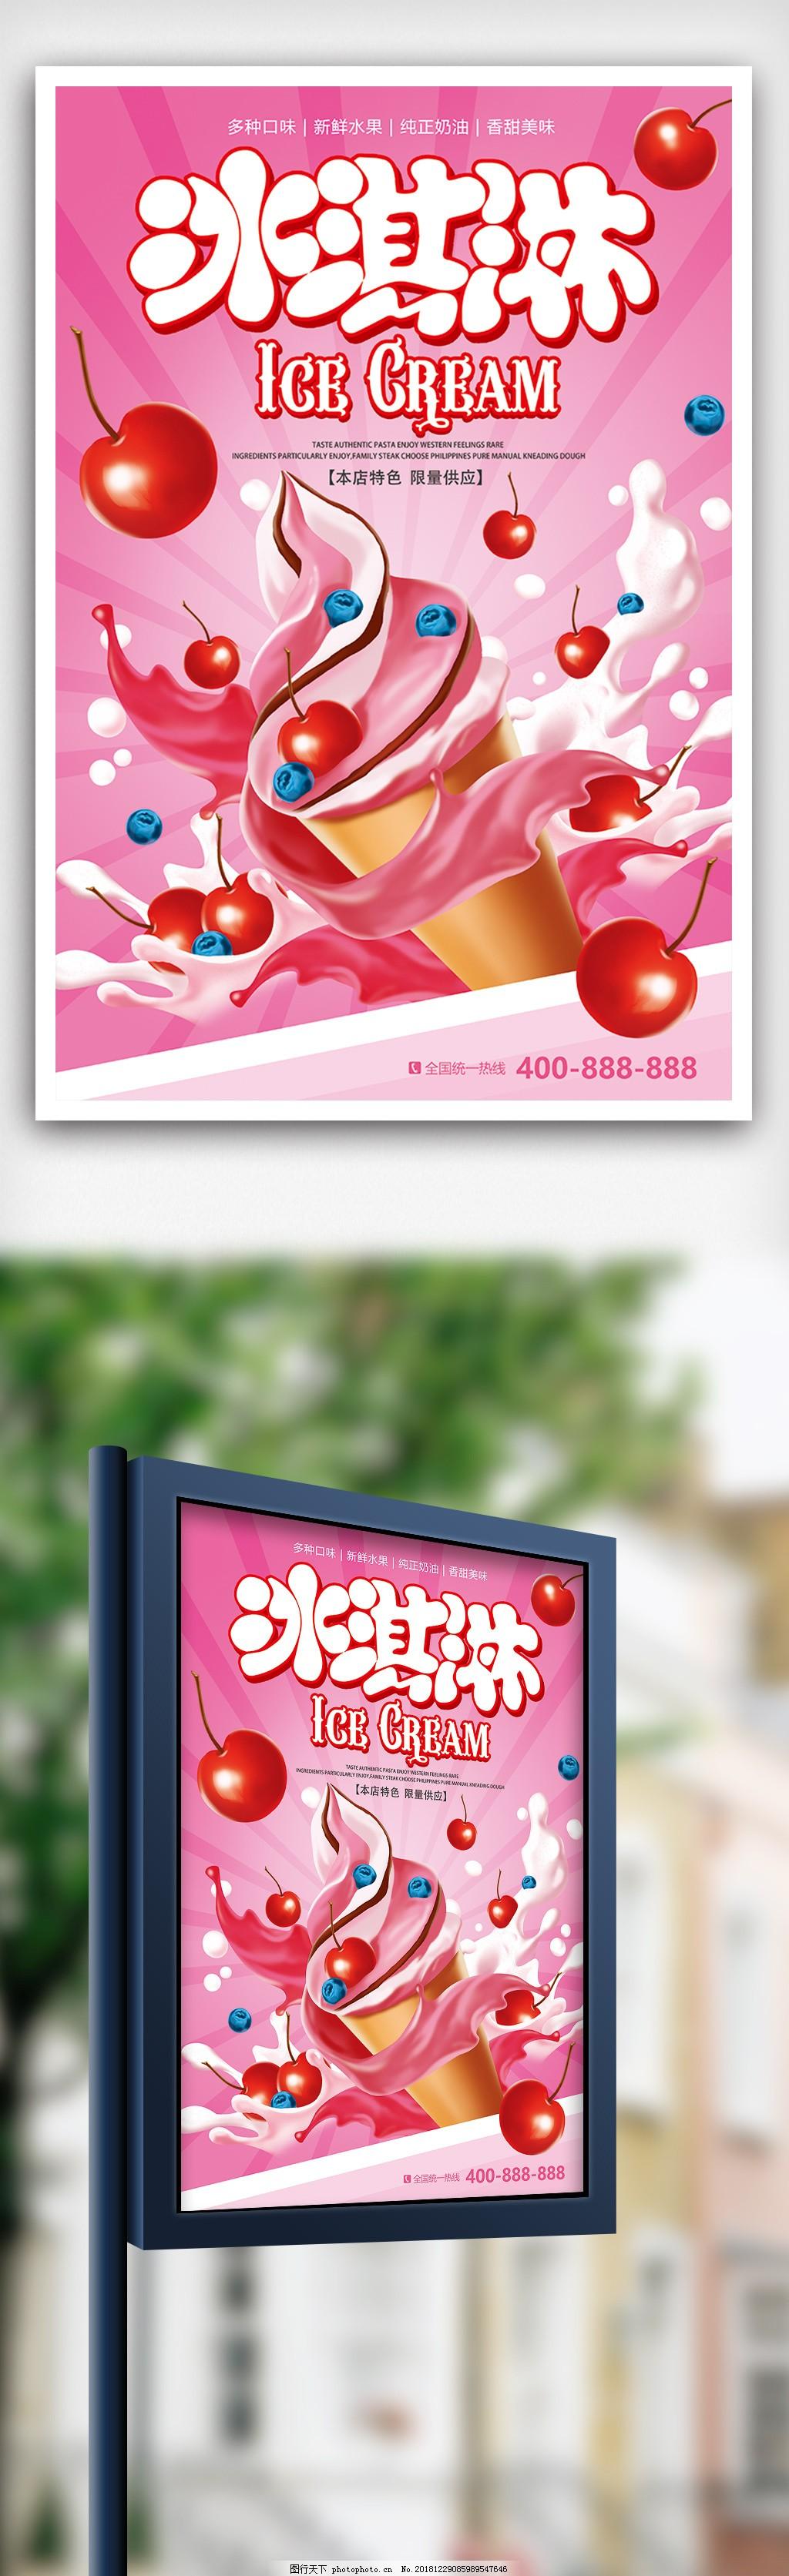 夏天樱桃口味冰淇淋海报,展板,海报背景,淘宝海报,创意海报,时尚海报,海报素材